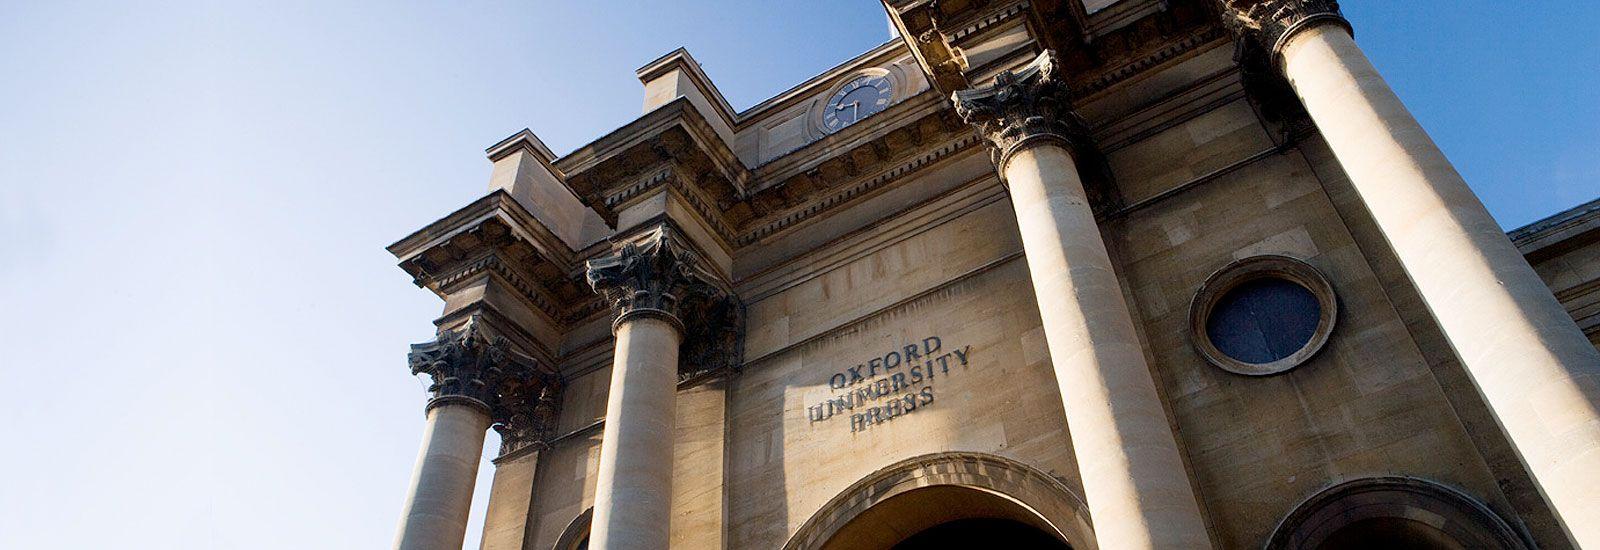 Oxford University Press facade